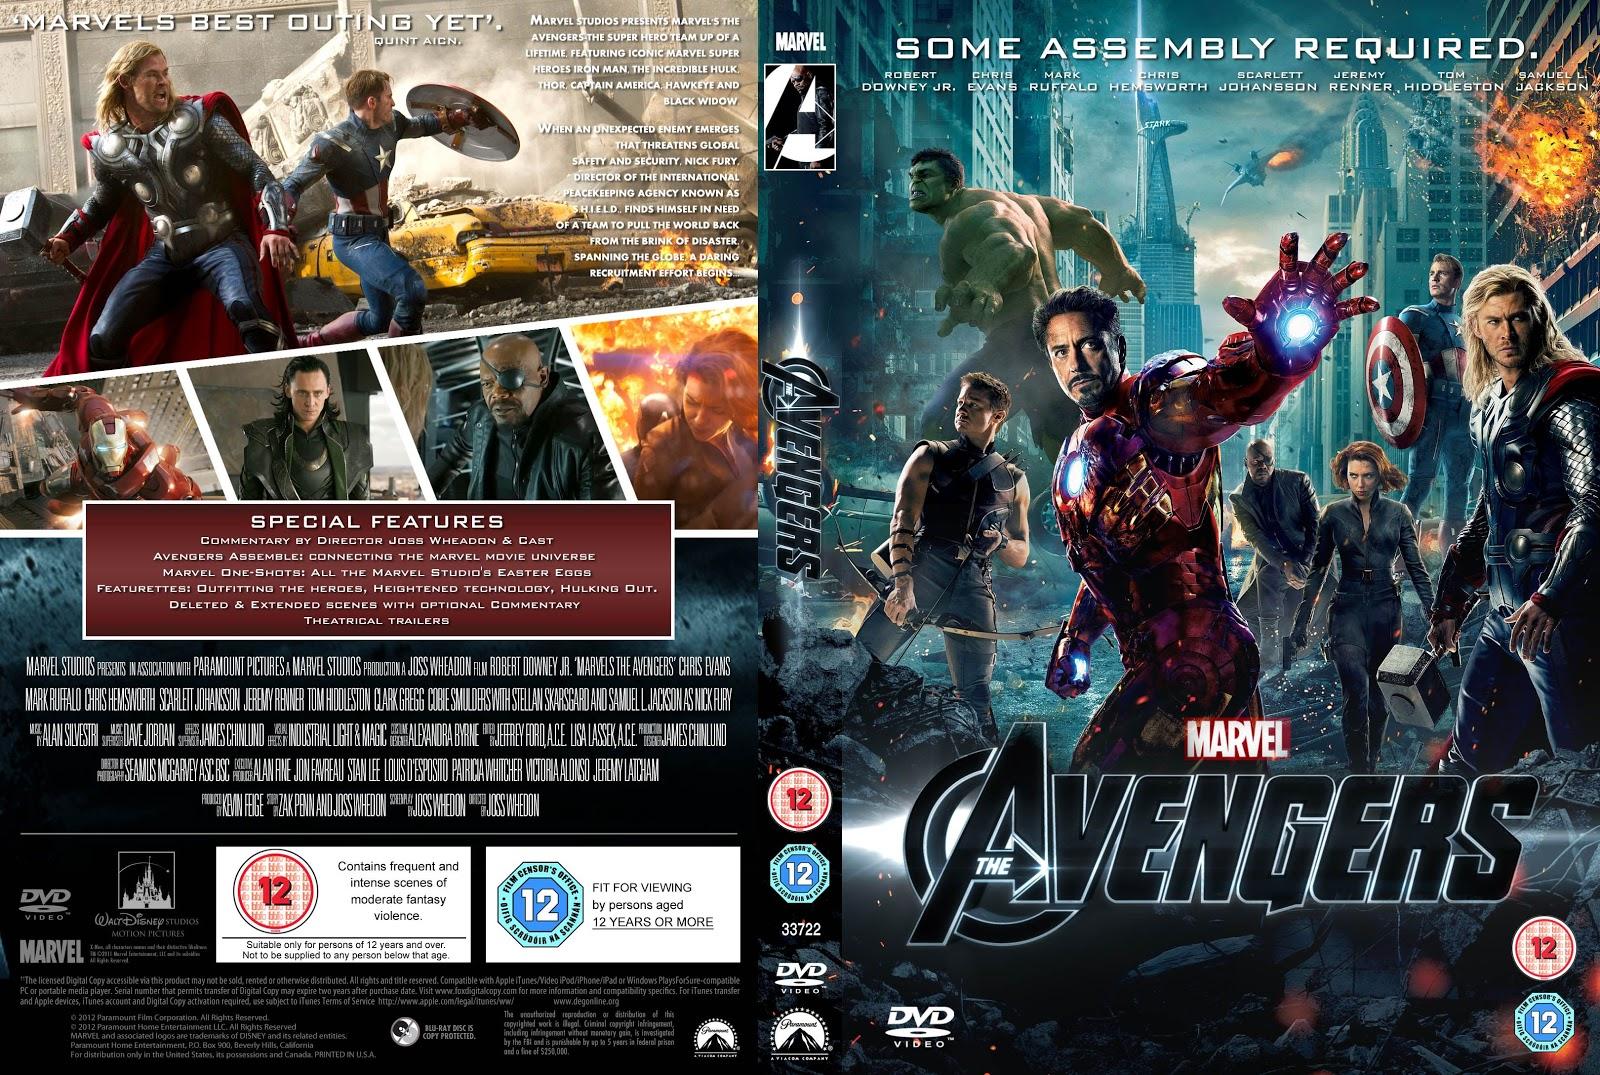 Capa DVD Avengers